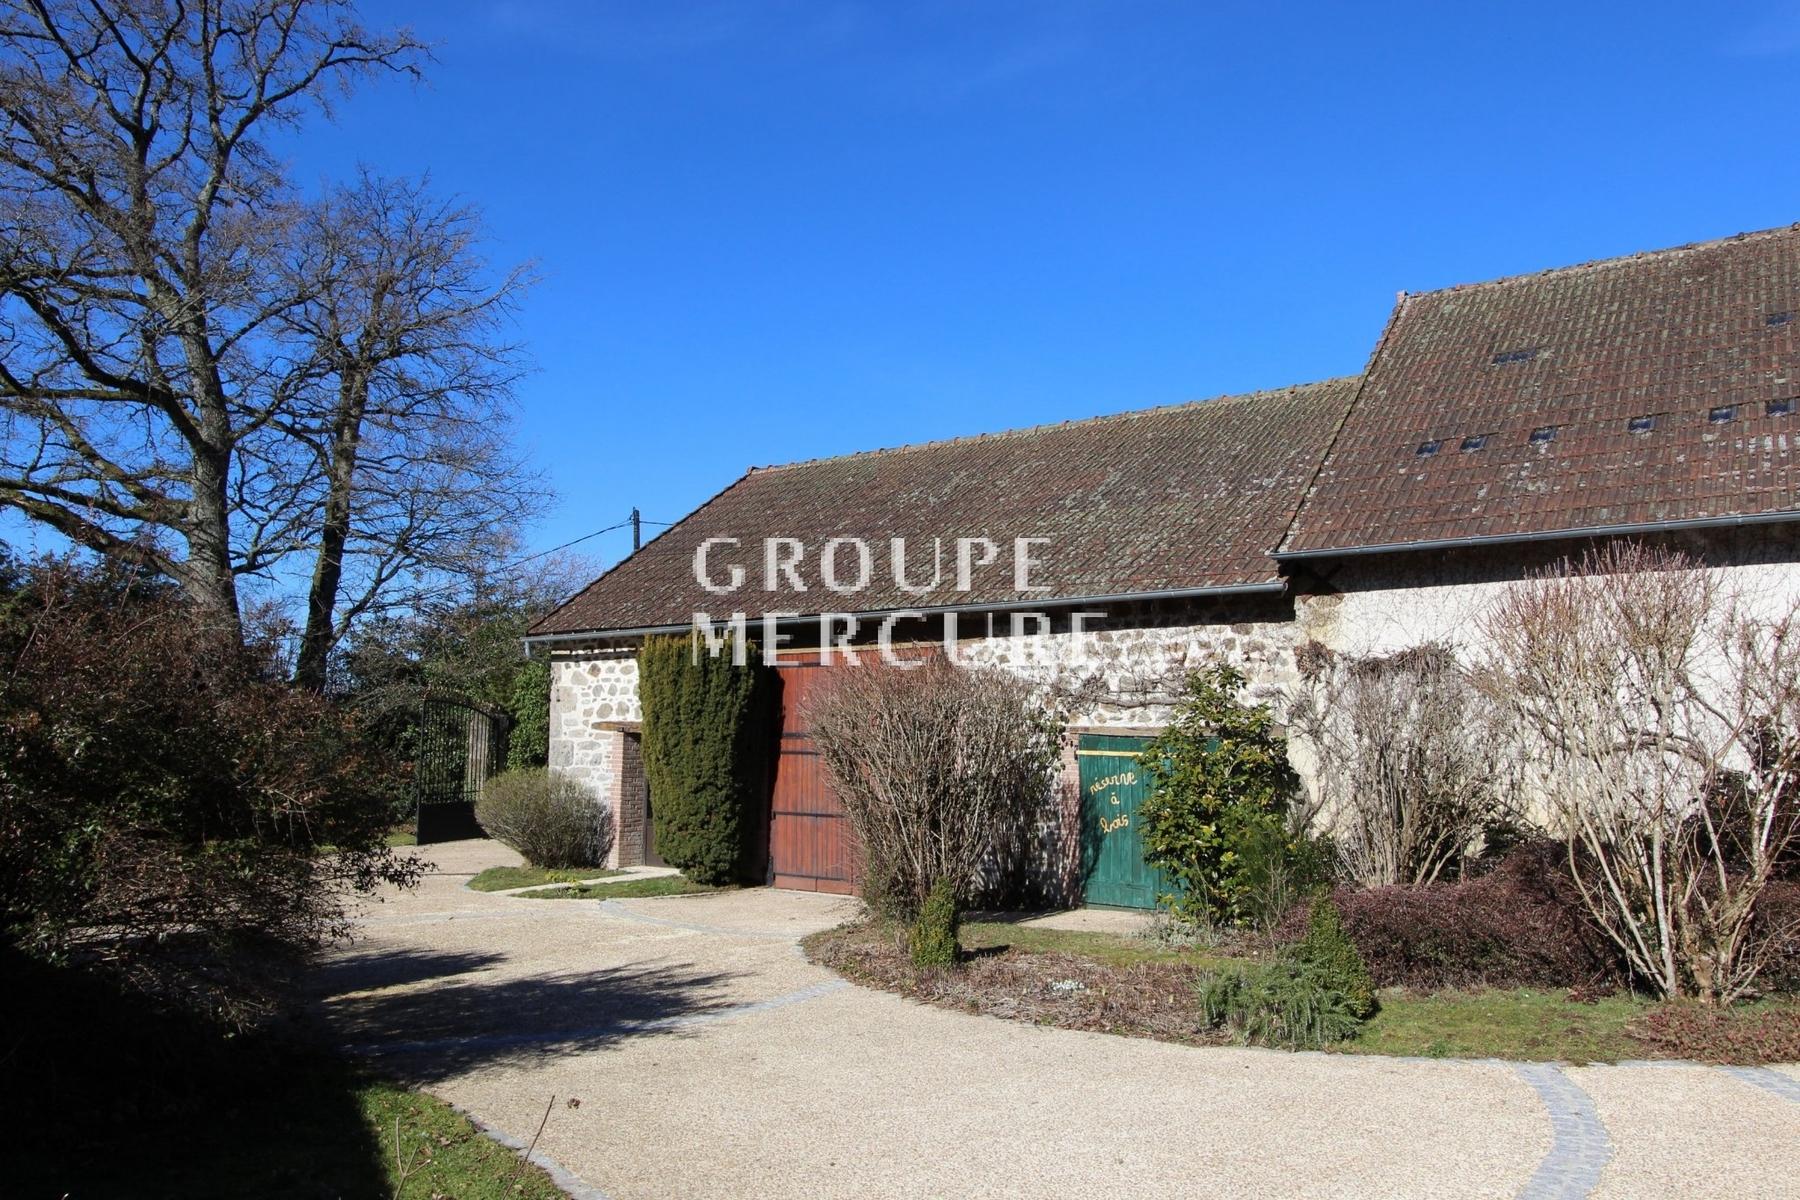 Gueret, Maison, 500 000 Euros Sur Immobilier.lefigaro.fr concernant Piscine De Gueret